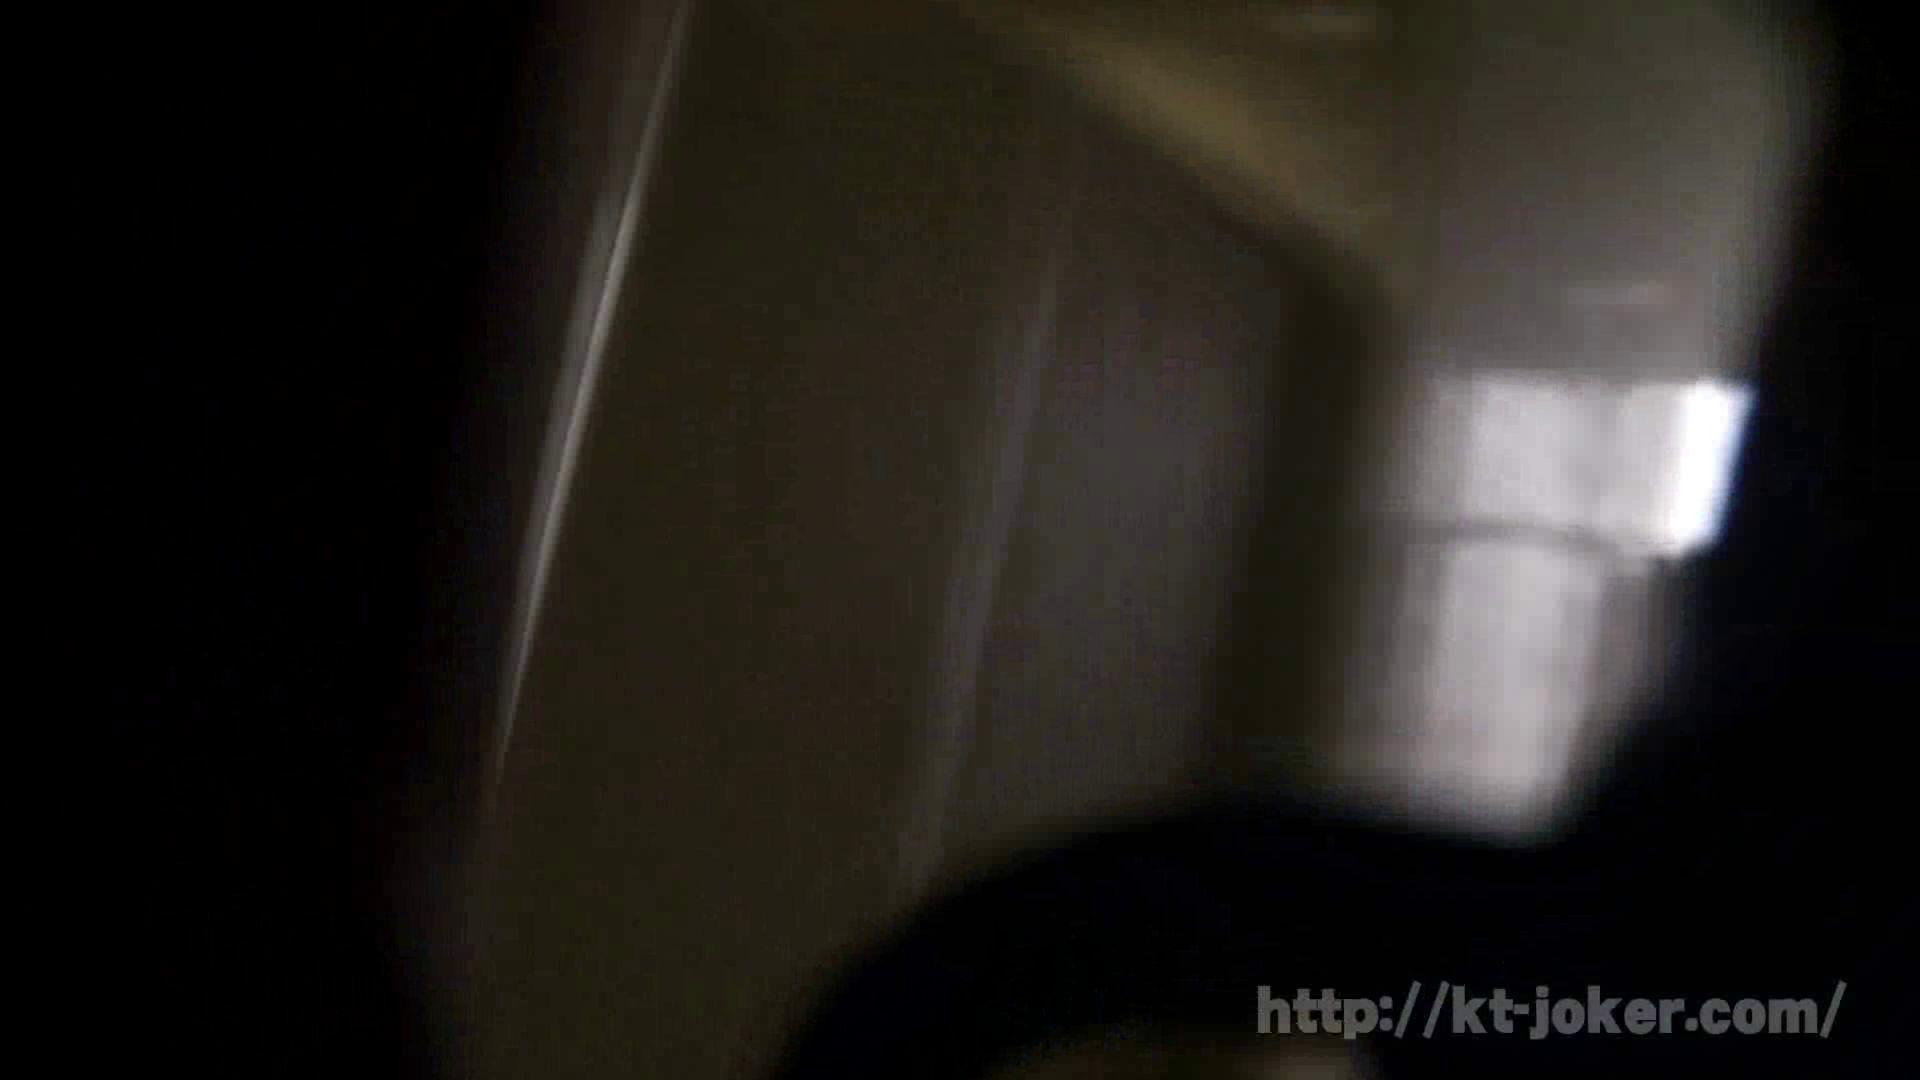 命がけ潜伏洗面所! vol.71 典型的な韓国人美女登場!! エロティックなOL AV動画キャプチャ 97画像 38